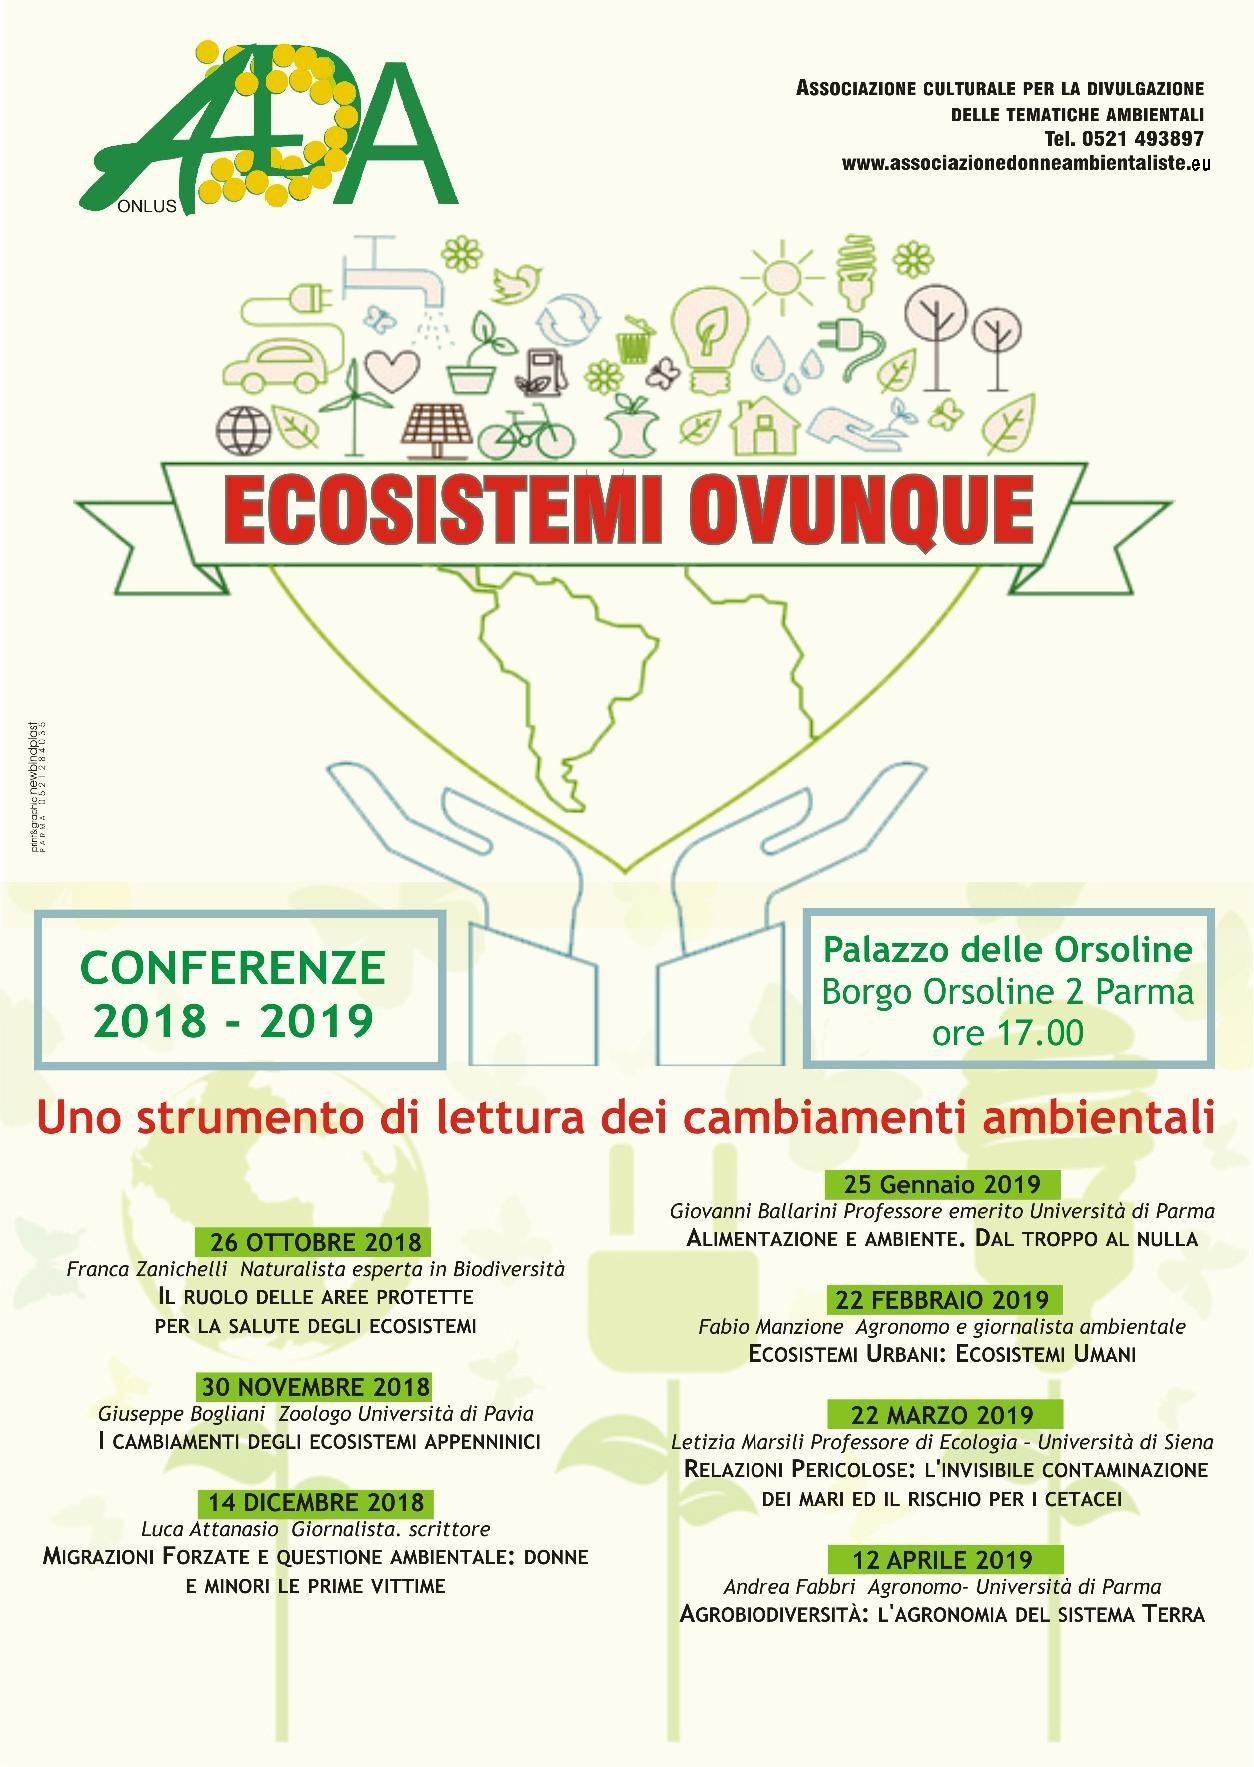 """Ecosistemi urbani: ecosistemi umani"""", incontro organizzato da ADA onlus"""